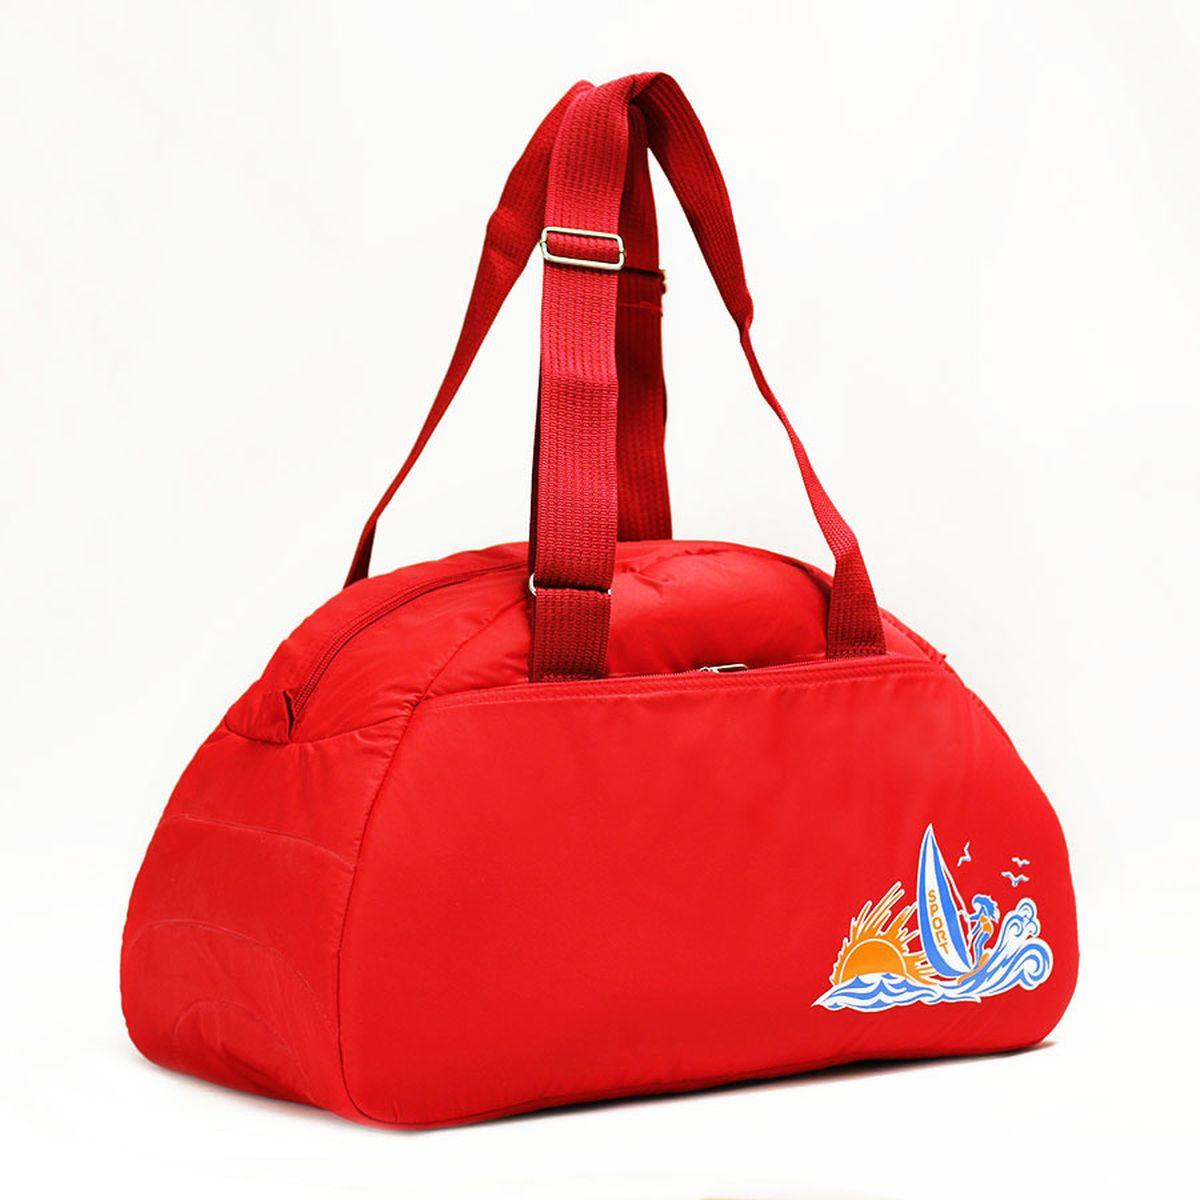 Сумка спортивная Polar, цвет: красный, 28 л. 6020MABLSEH10001Спортивная сумка Polar выполнена из полиэстера. Сумка имеет одно большое отделение, внутри которого расположен один карман на молнии. Снаружи один большой карман на молнии. Длина ручек регулируется по необходимой длине, что позволяет носить сумку как в руках, так и на плече. Максимальная высота ручек - 35 см. Съемного плечевого ремня нет.